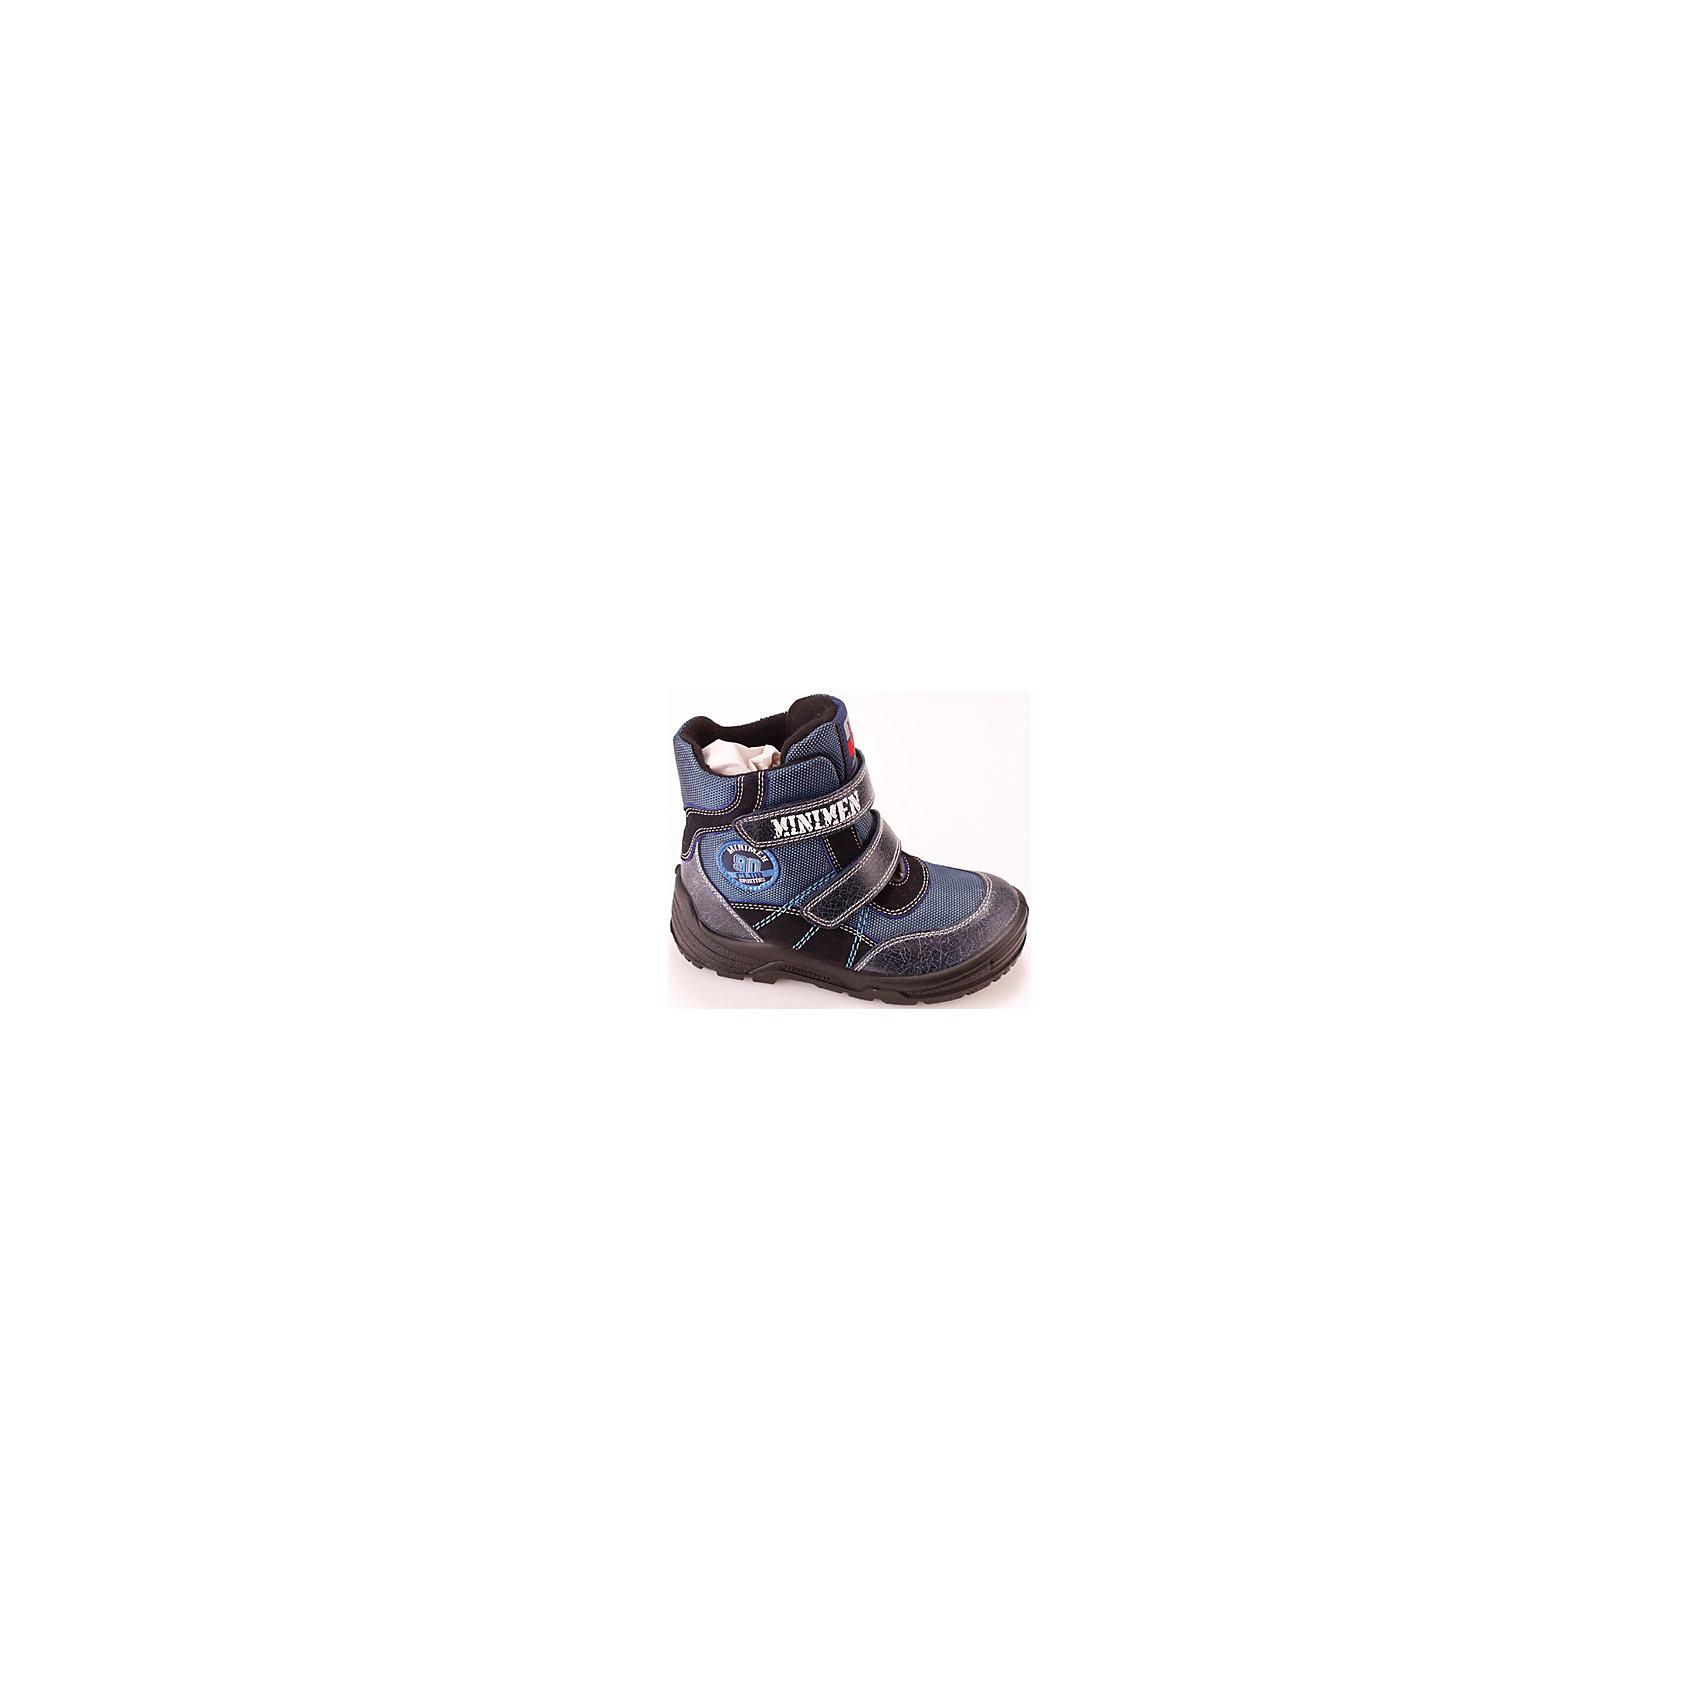 Ботинки для мальчика MinimenОбувь для малышей<br>Полусапоги для мальчика Minimen<br><br>Характеристики:<br><br>• цвет: синий<br>• Температурный режим: от 0° С до -15° С.<br>• внешний материал: натуральная кожа, текстиль<br>• внутренний материал: натуральная шерсть<br>• стелька: натуральная шерсть<br>• подошва: полиуретан<br>• высокий задник<br>• две застежки липучки<br><br>Полусапоги для мальчика от популярного бренда детской обуви Minimen (Минимэн) отлично подойдут на зимний сезон. Качественная натуральная кожа и стильный дизайн придут по вкусу и ребенку и родителям. Практичный темно-синий цвет подойдет к любой зимней одежде. Прочный высокий задник надежно зафиксирует ножку не давая ей заваливаться и позволяя правильно развиваться, широкий нос полусапог не сдавливает пальчики и оставляет достаточно места. Удобные, теплые и легкие полусапоги легко снимать и надевать благодаря застежкам-липучкам. Полиуретановая подошва не пропускает холод и поможет сохранить ножки в тепле.<br><br>Полусапоги для мальчика Minimen (Минимэн) можно купить в нашем интернет-магазине.<br><br>Ширина мм: 257<br>Глубина мм: 180<br>Высота мм: 130<br>Вес г: 420<br>Цвет: синий<br>Возраст от месяцев: 18<br>Возраст до месяцев: 21<br>Пол: Мужской<br>Возраст: Детский<br>Размер: 23,25,21,22,24<br>SKU: 5089331